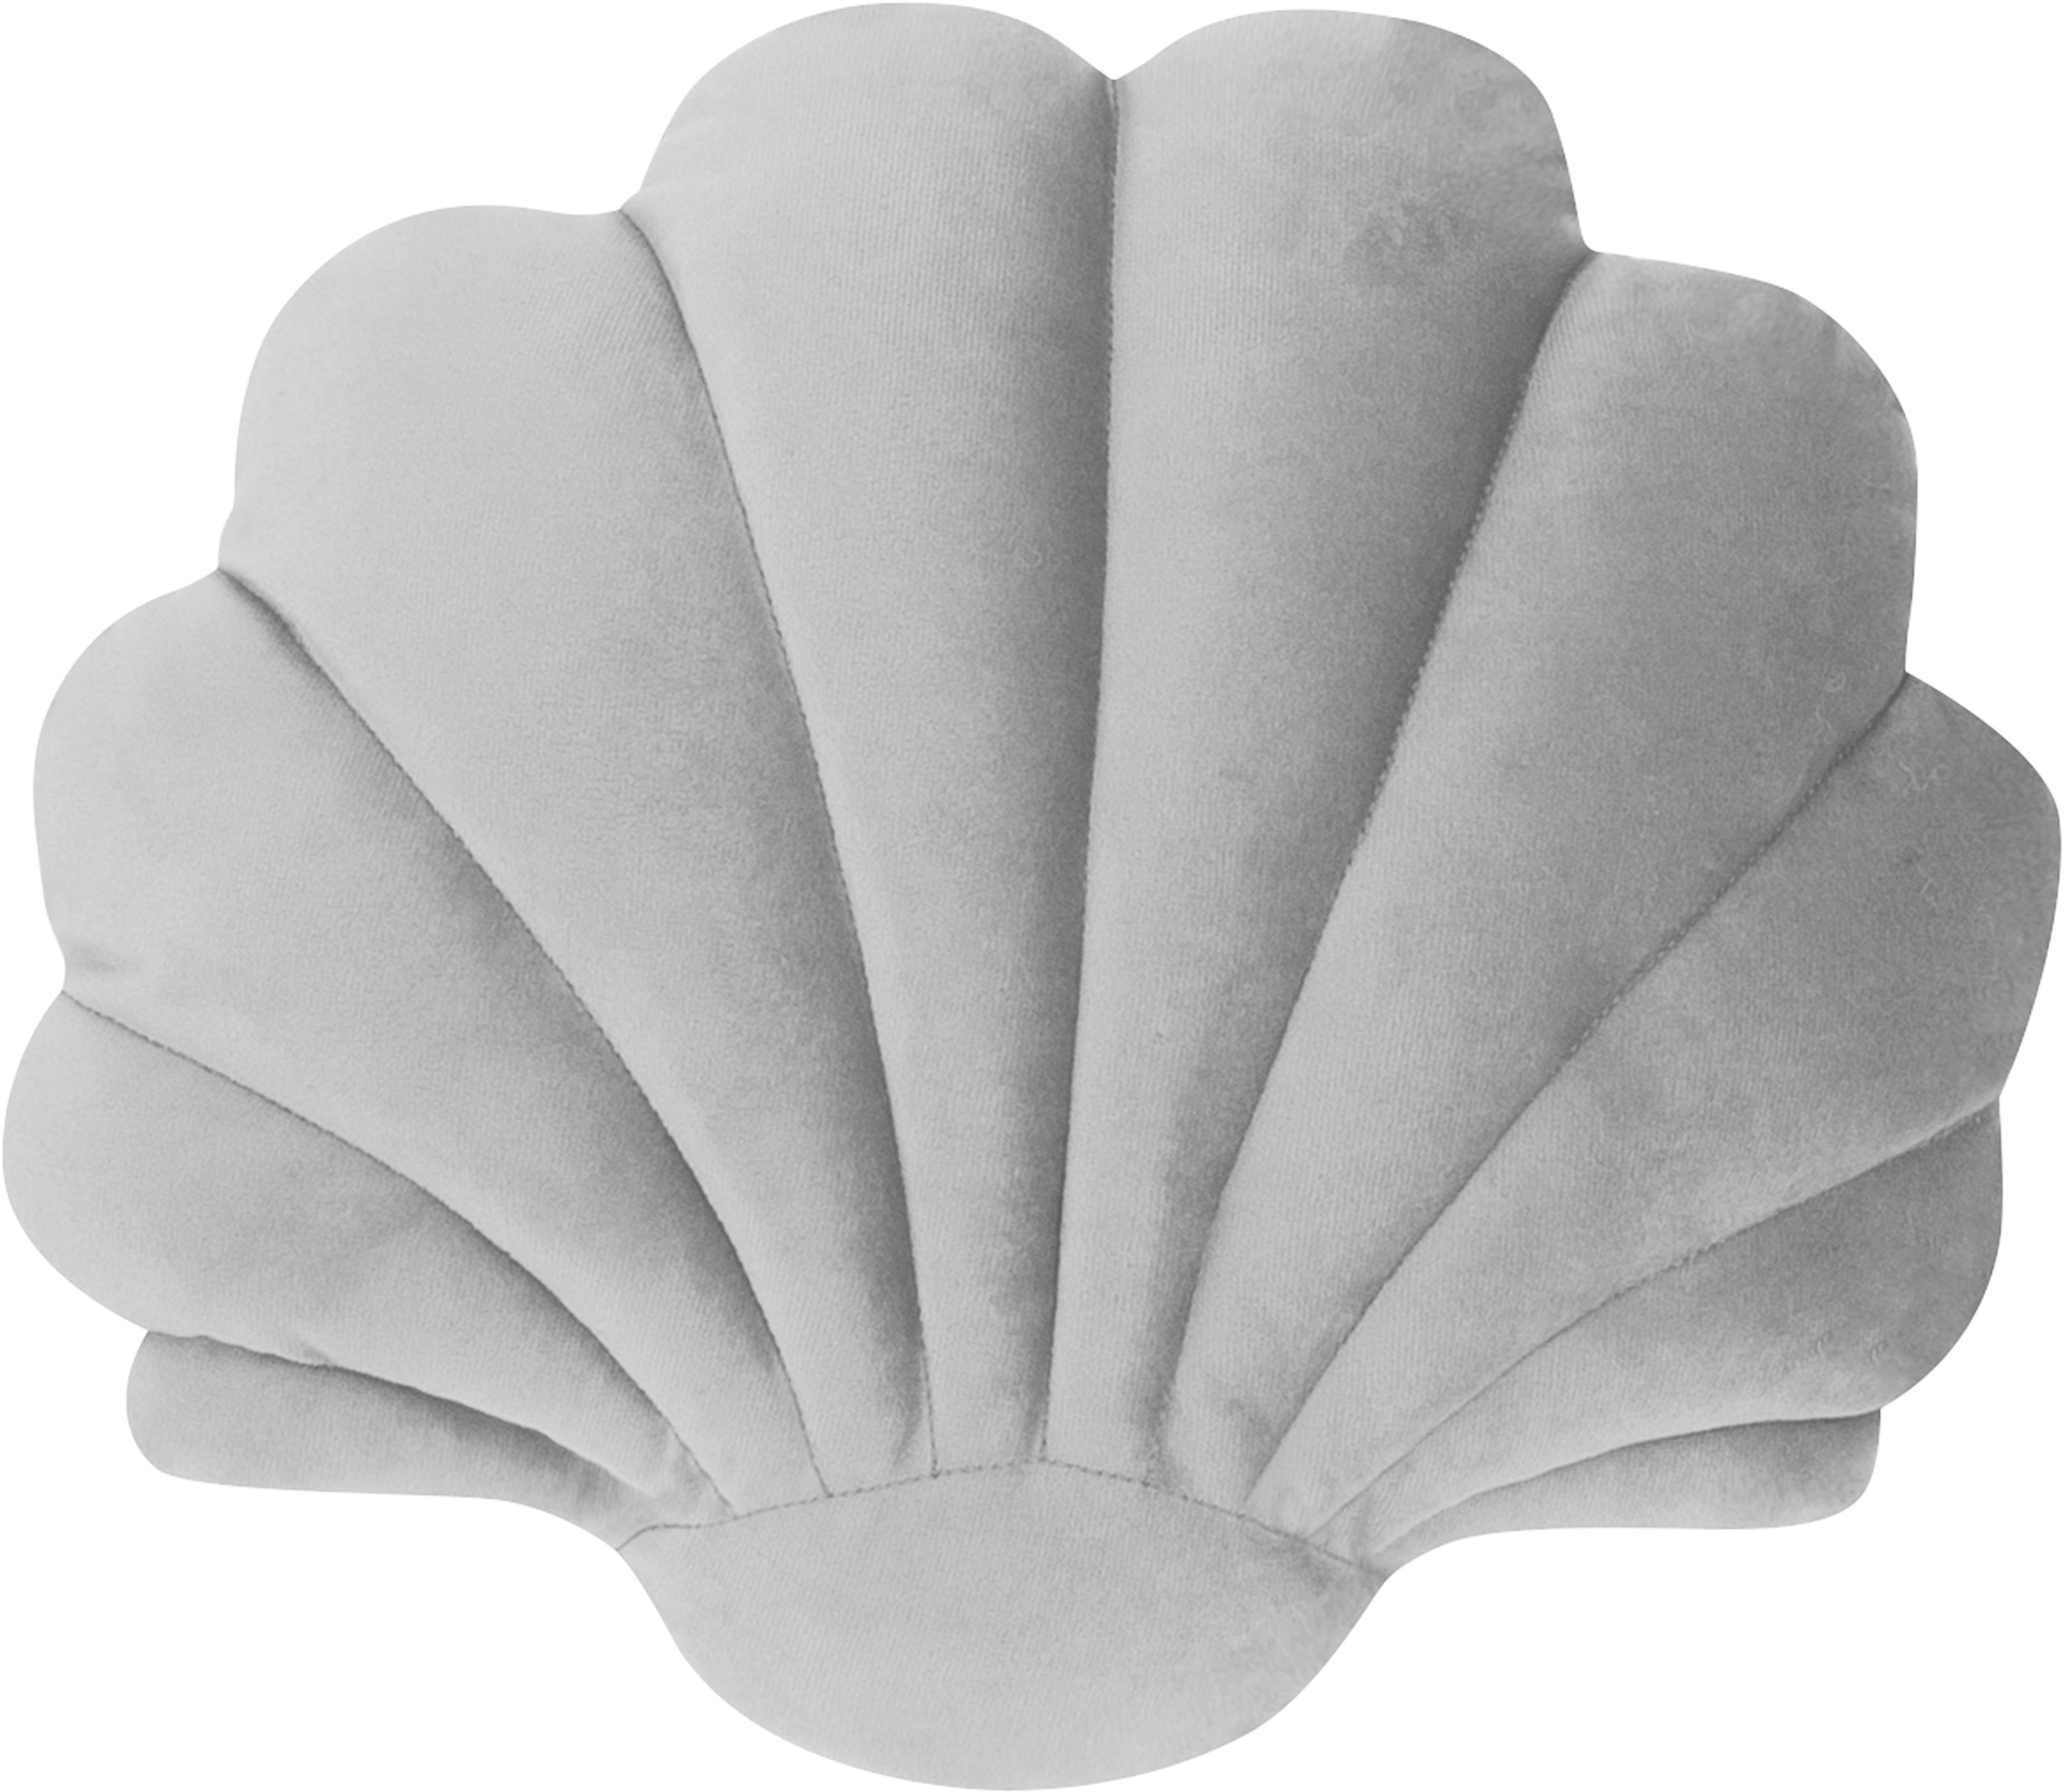 Cojín de terciopelo Shel, con relleno, Parte superior: 100%terciopelo de poliés, Parte trasera: 100%poliéster, Gris claro, An 28 x L 30 cm